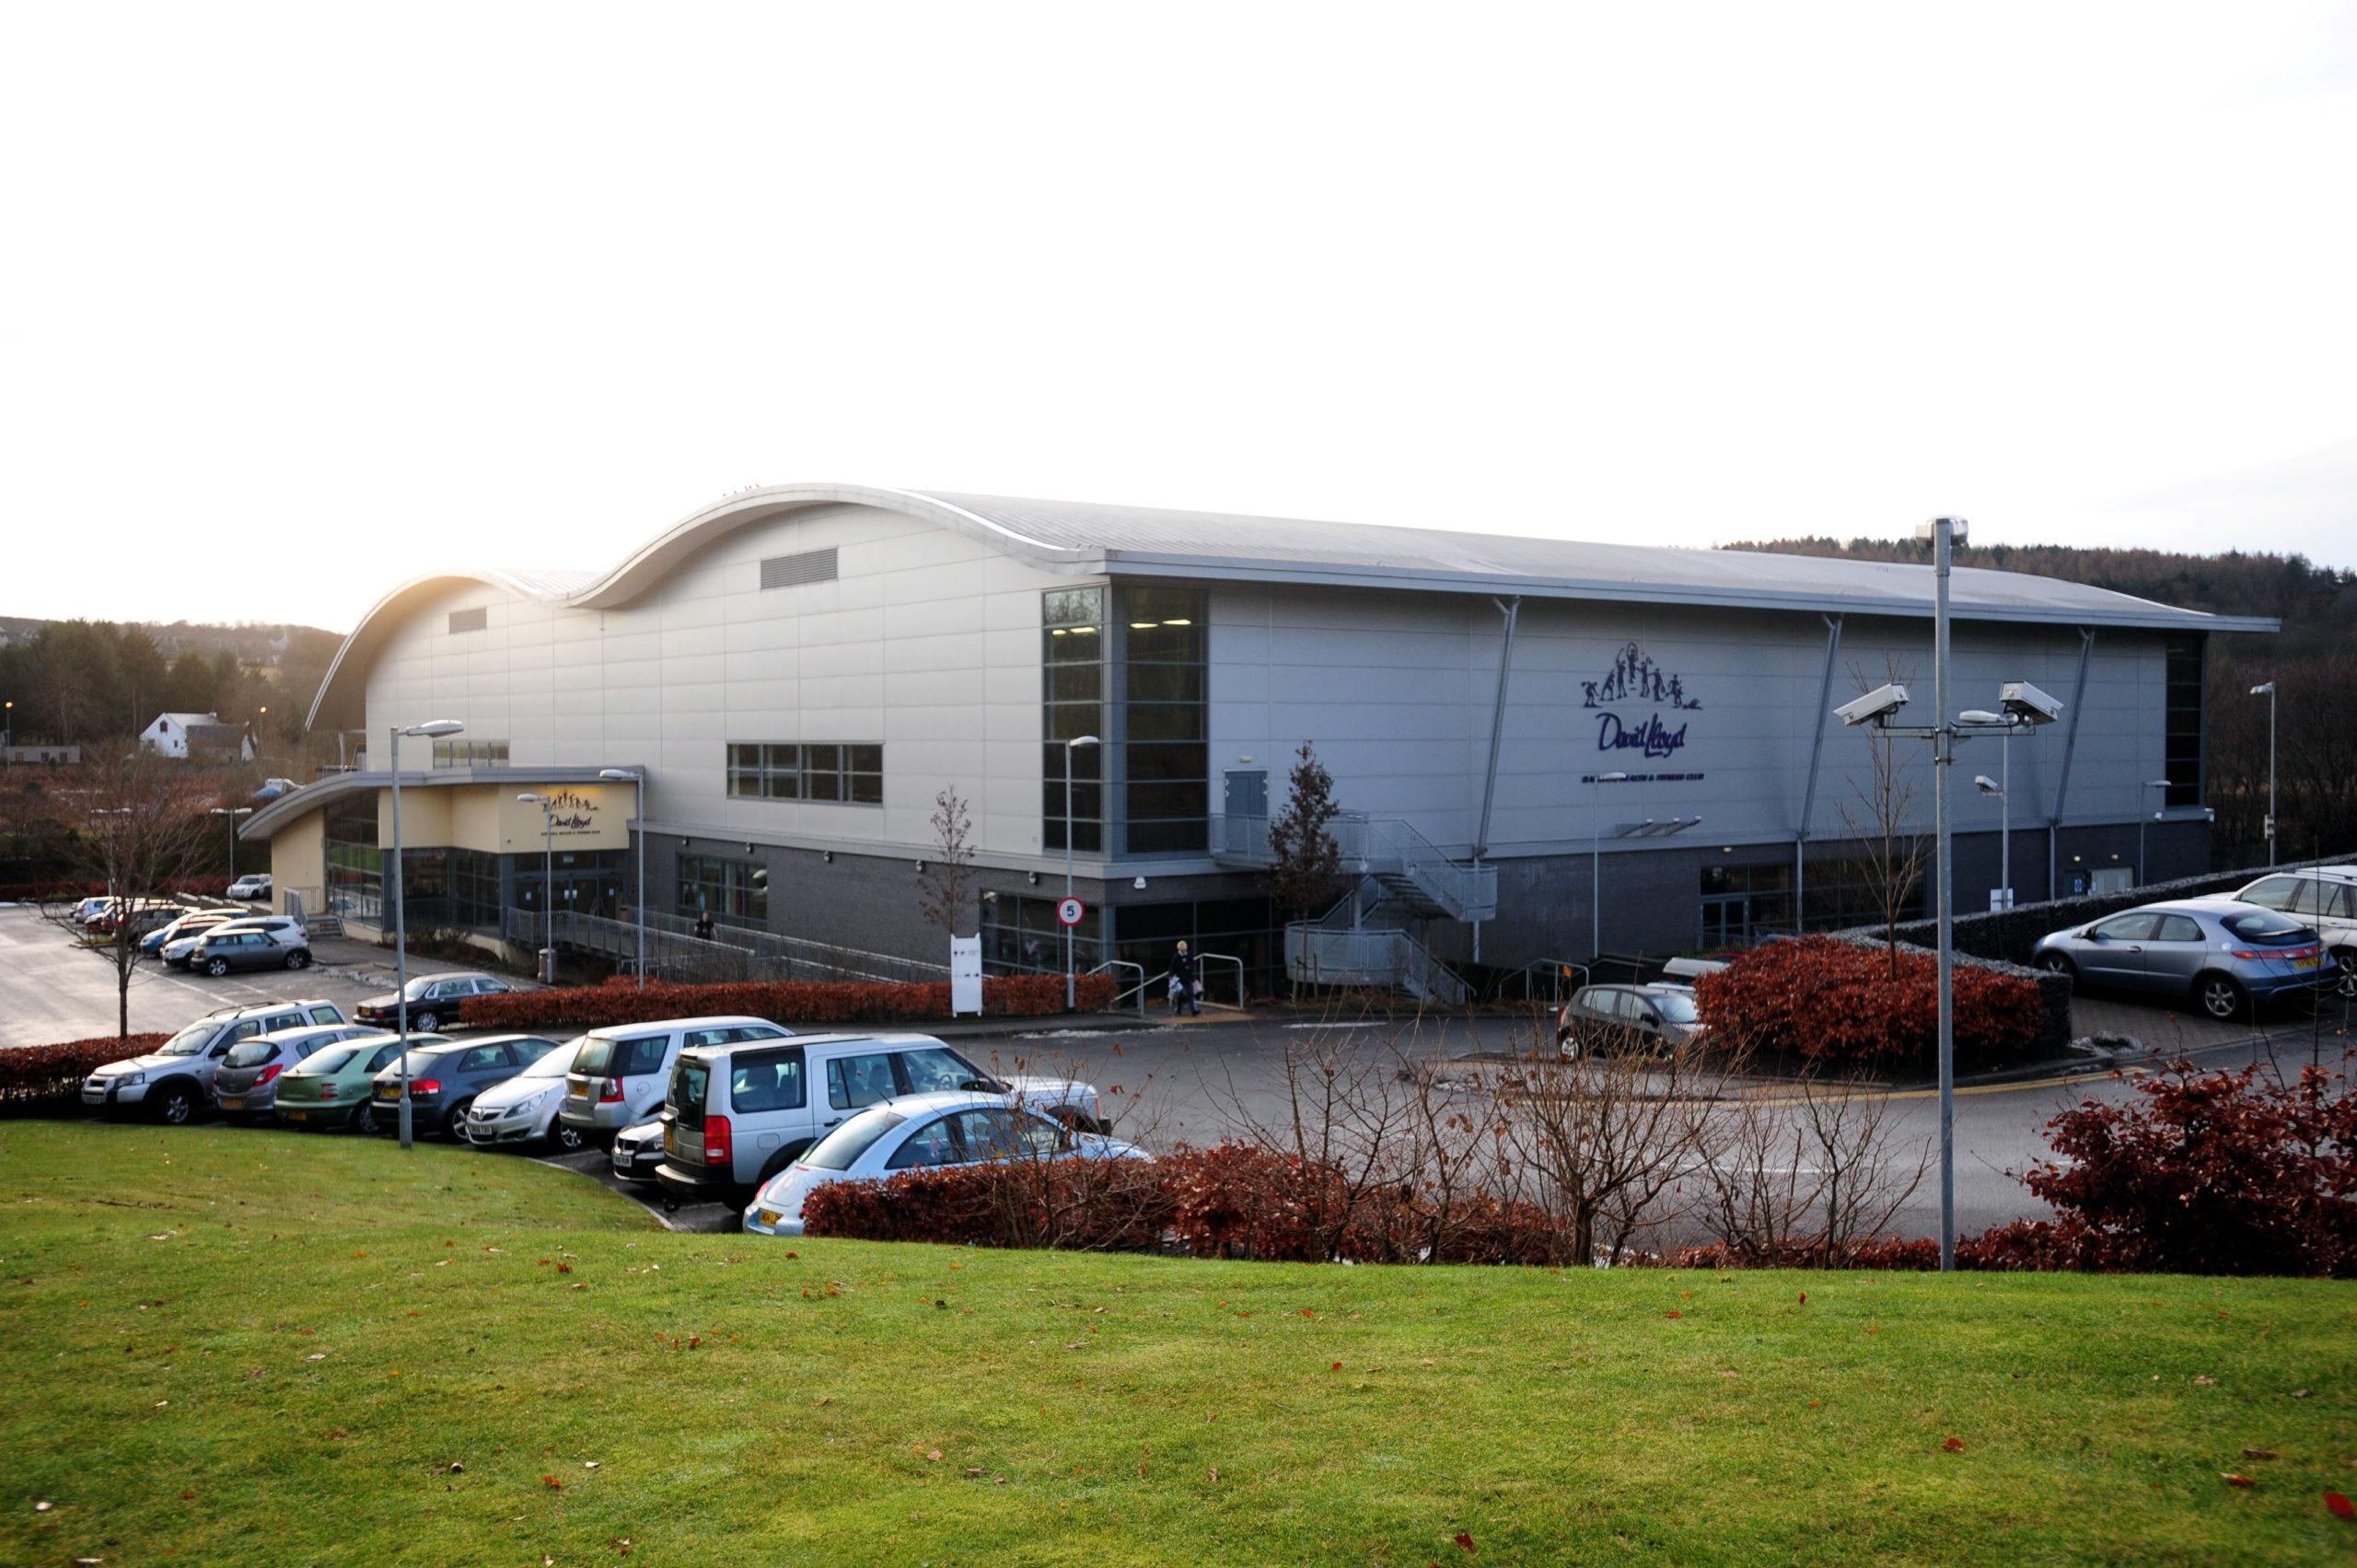 The David Lloyd gym in Garthdee